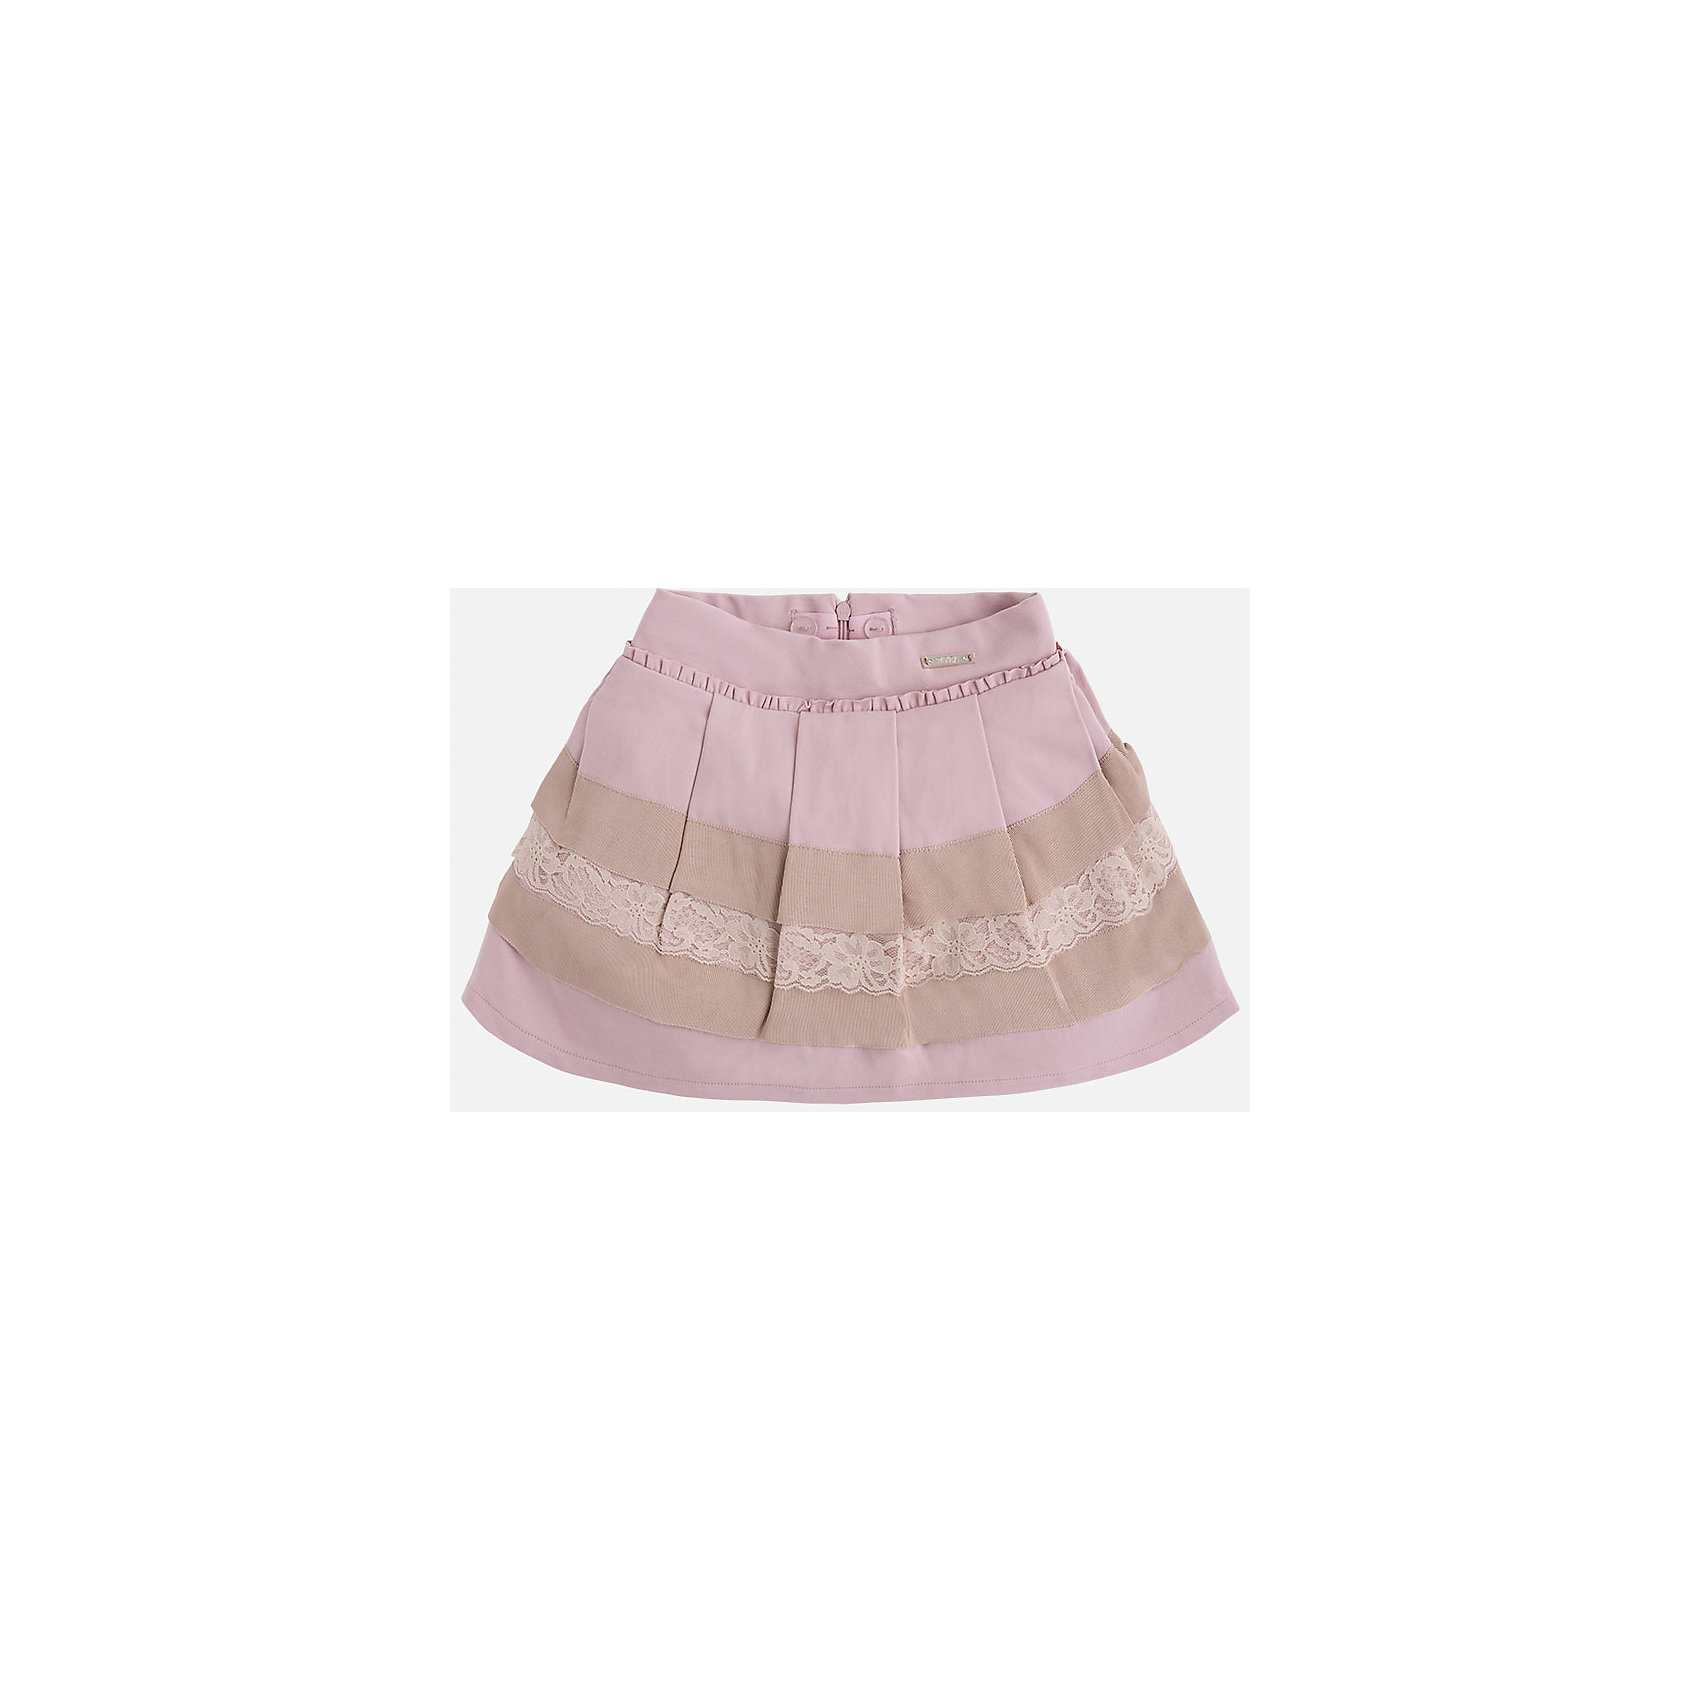 Юбка для девочки MayoralЮбки<br>Юбка для девочка от известного испанского бренда Mayoral(Майорал). Модель изготовлена из качественных материалов, приятных на ощупь. Юбка застегивается на молнию, украшена оборками, нежными кружевами. Контрастный дизайн юбки отлично смотрится на юной моднице!<br>Дополнительная информация:<br>-сзади застегивается на молнию<br>-украшена кружевами и оборками<br>-цвет: розовый/бежевый<br>-состав: 71% вискоза, 26% полиамид, 3% эластан; подкладка: 80% полиэстер, 20% хлопок<br>Юбку Mayoral(Майорал) можно приобрести в нашем интернет-магазине.<br><br>Ширина мм: 207<br>Глубина мм: 10<br>Высота мм: 189<br>Вес г: 183<br>Цвет: розовый<br>Возраст от месяцев: 36<br>Возраст до месяцев: 48<br>Пол: Женский<br>Возраст: Детский<br>Размер: 104,116,110,134,128,122,98<br>SKU: 4844239